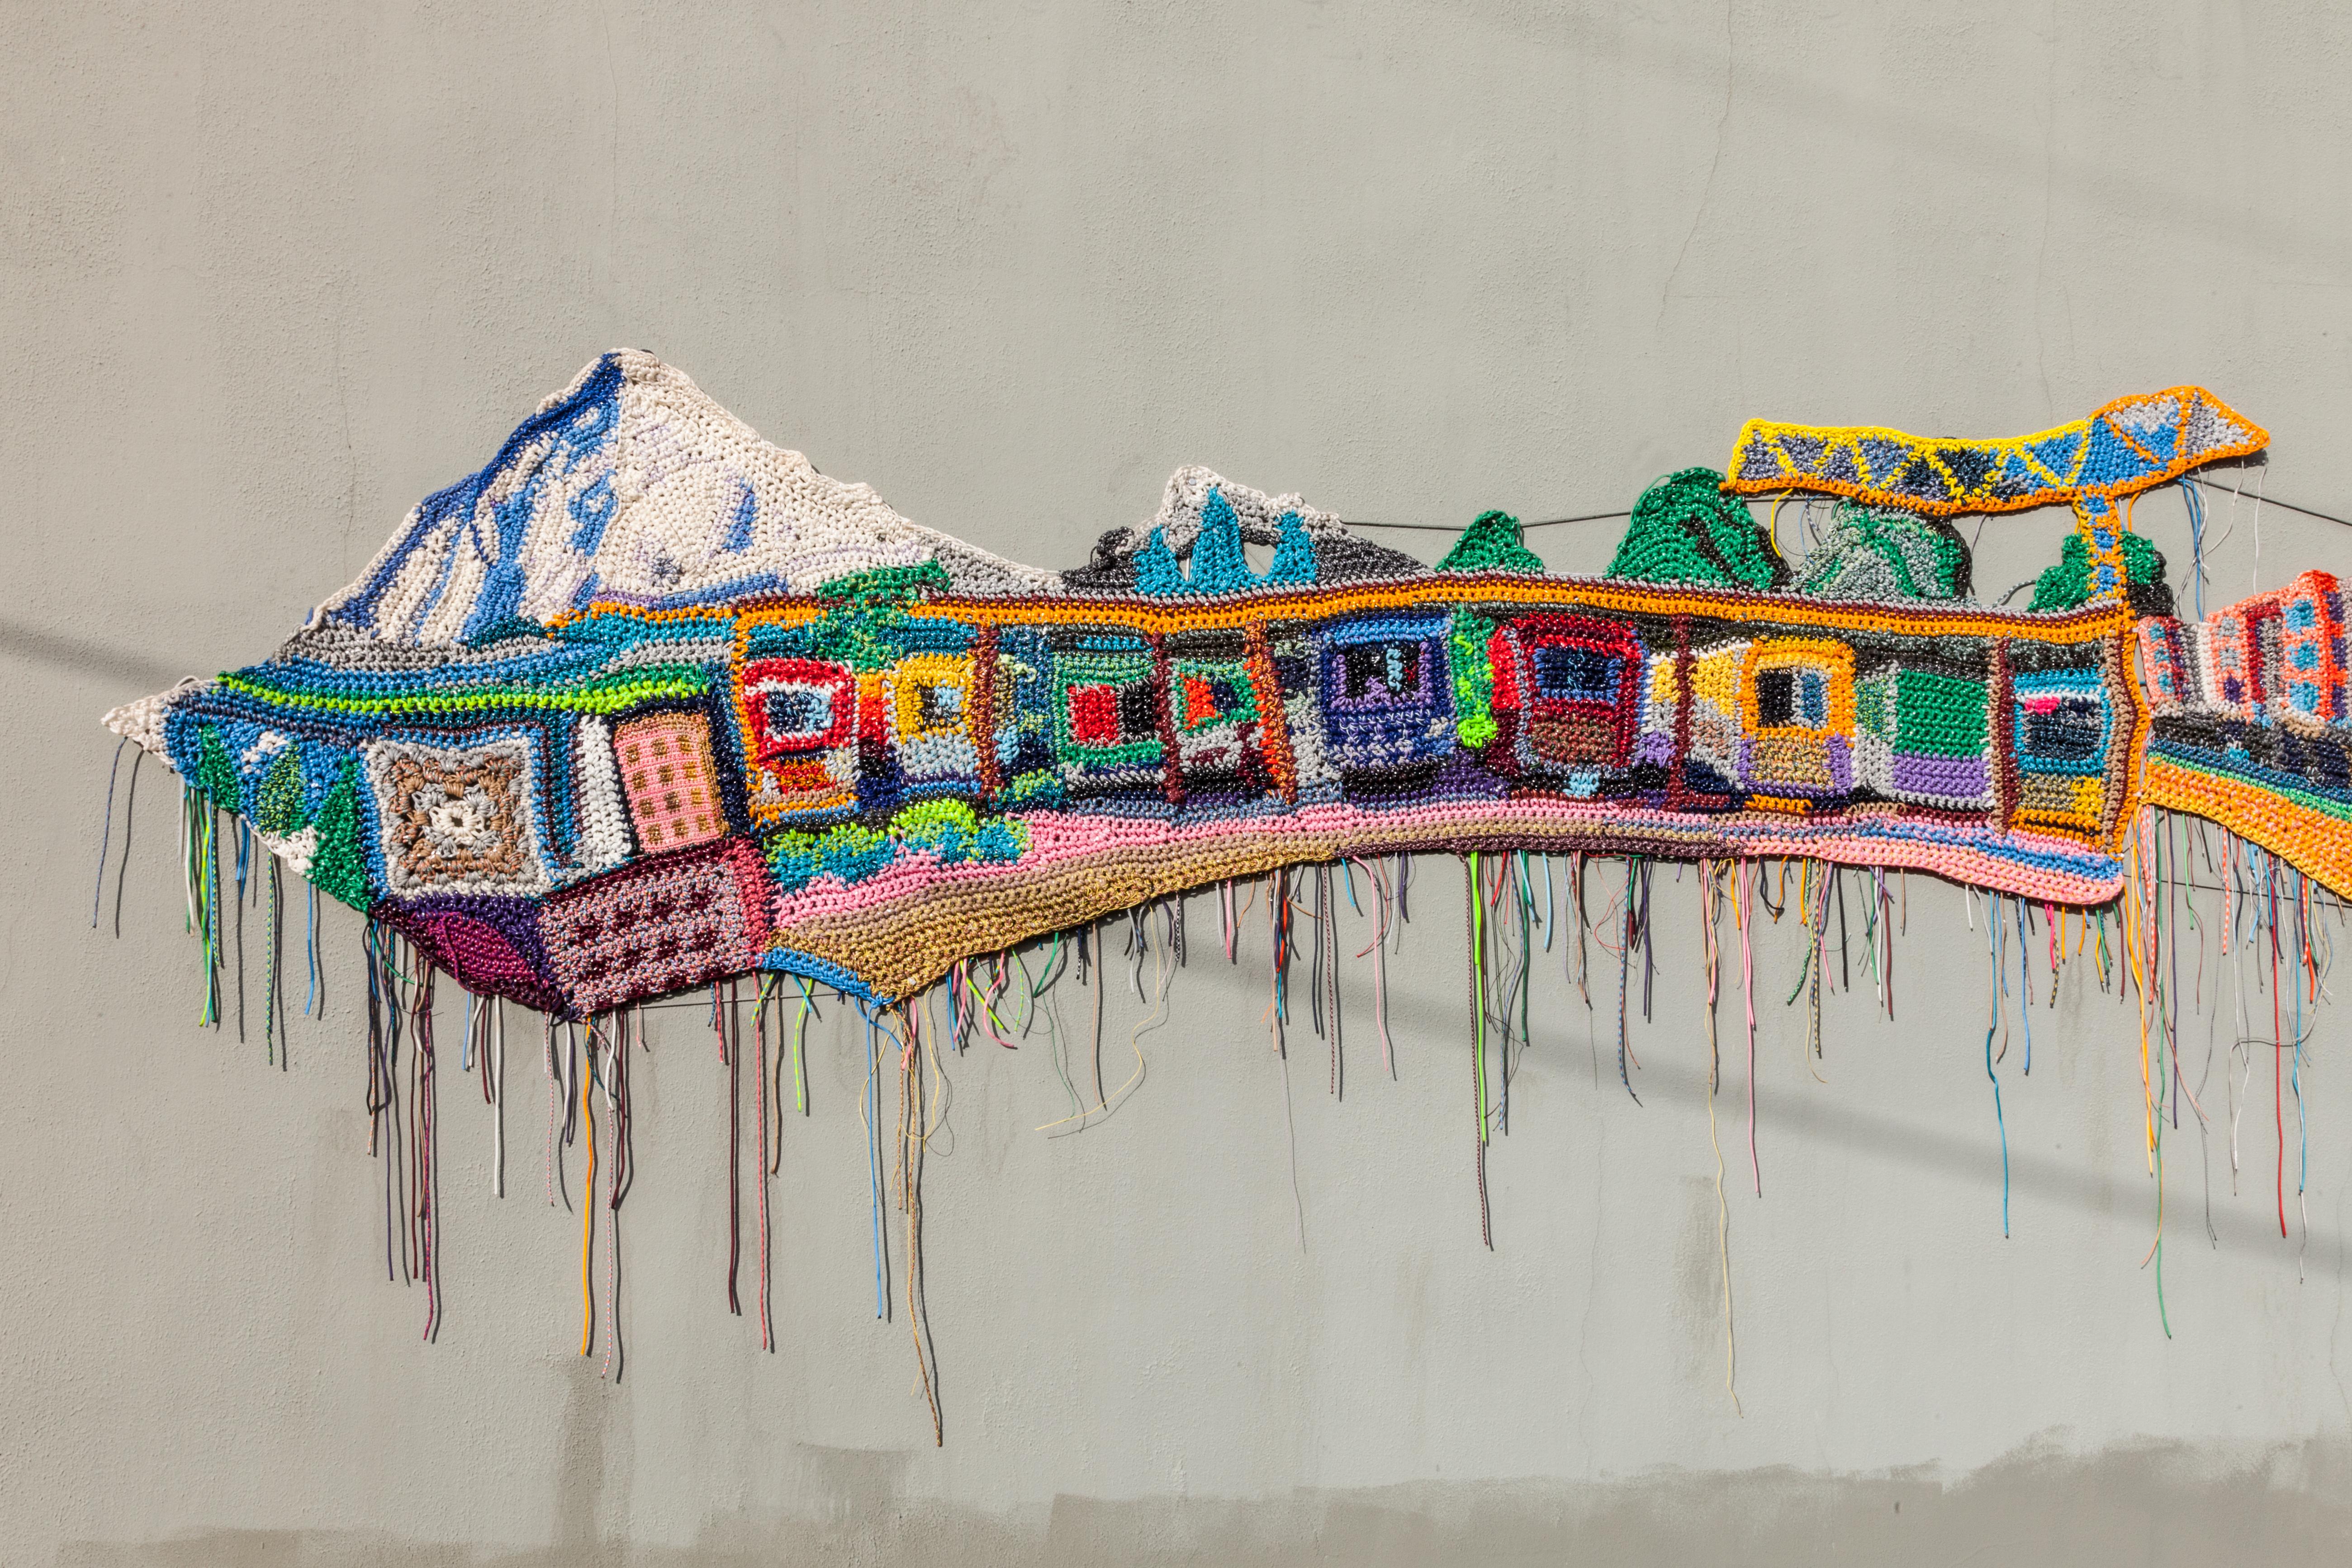 detail of Jo Hamilton's mural